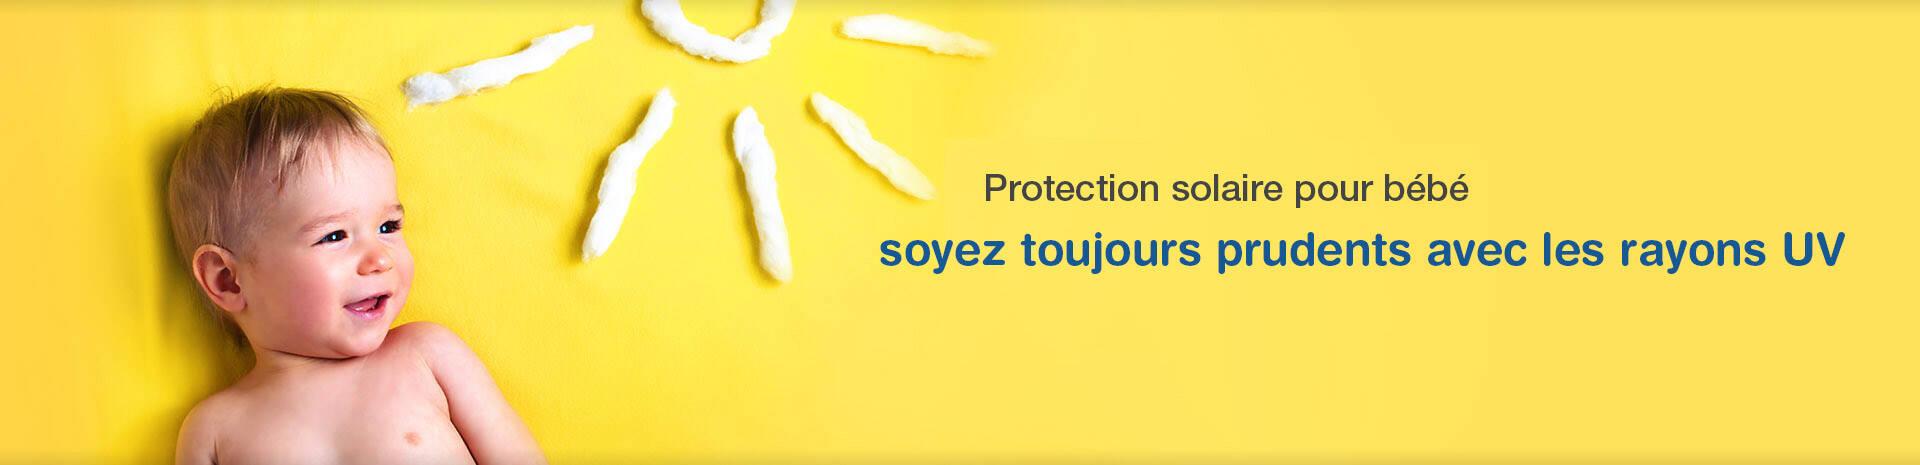 Protection solaire pour bébé banner